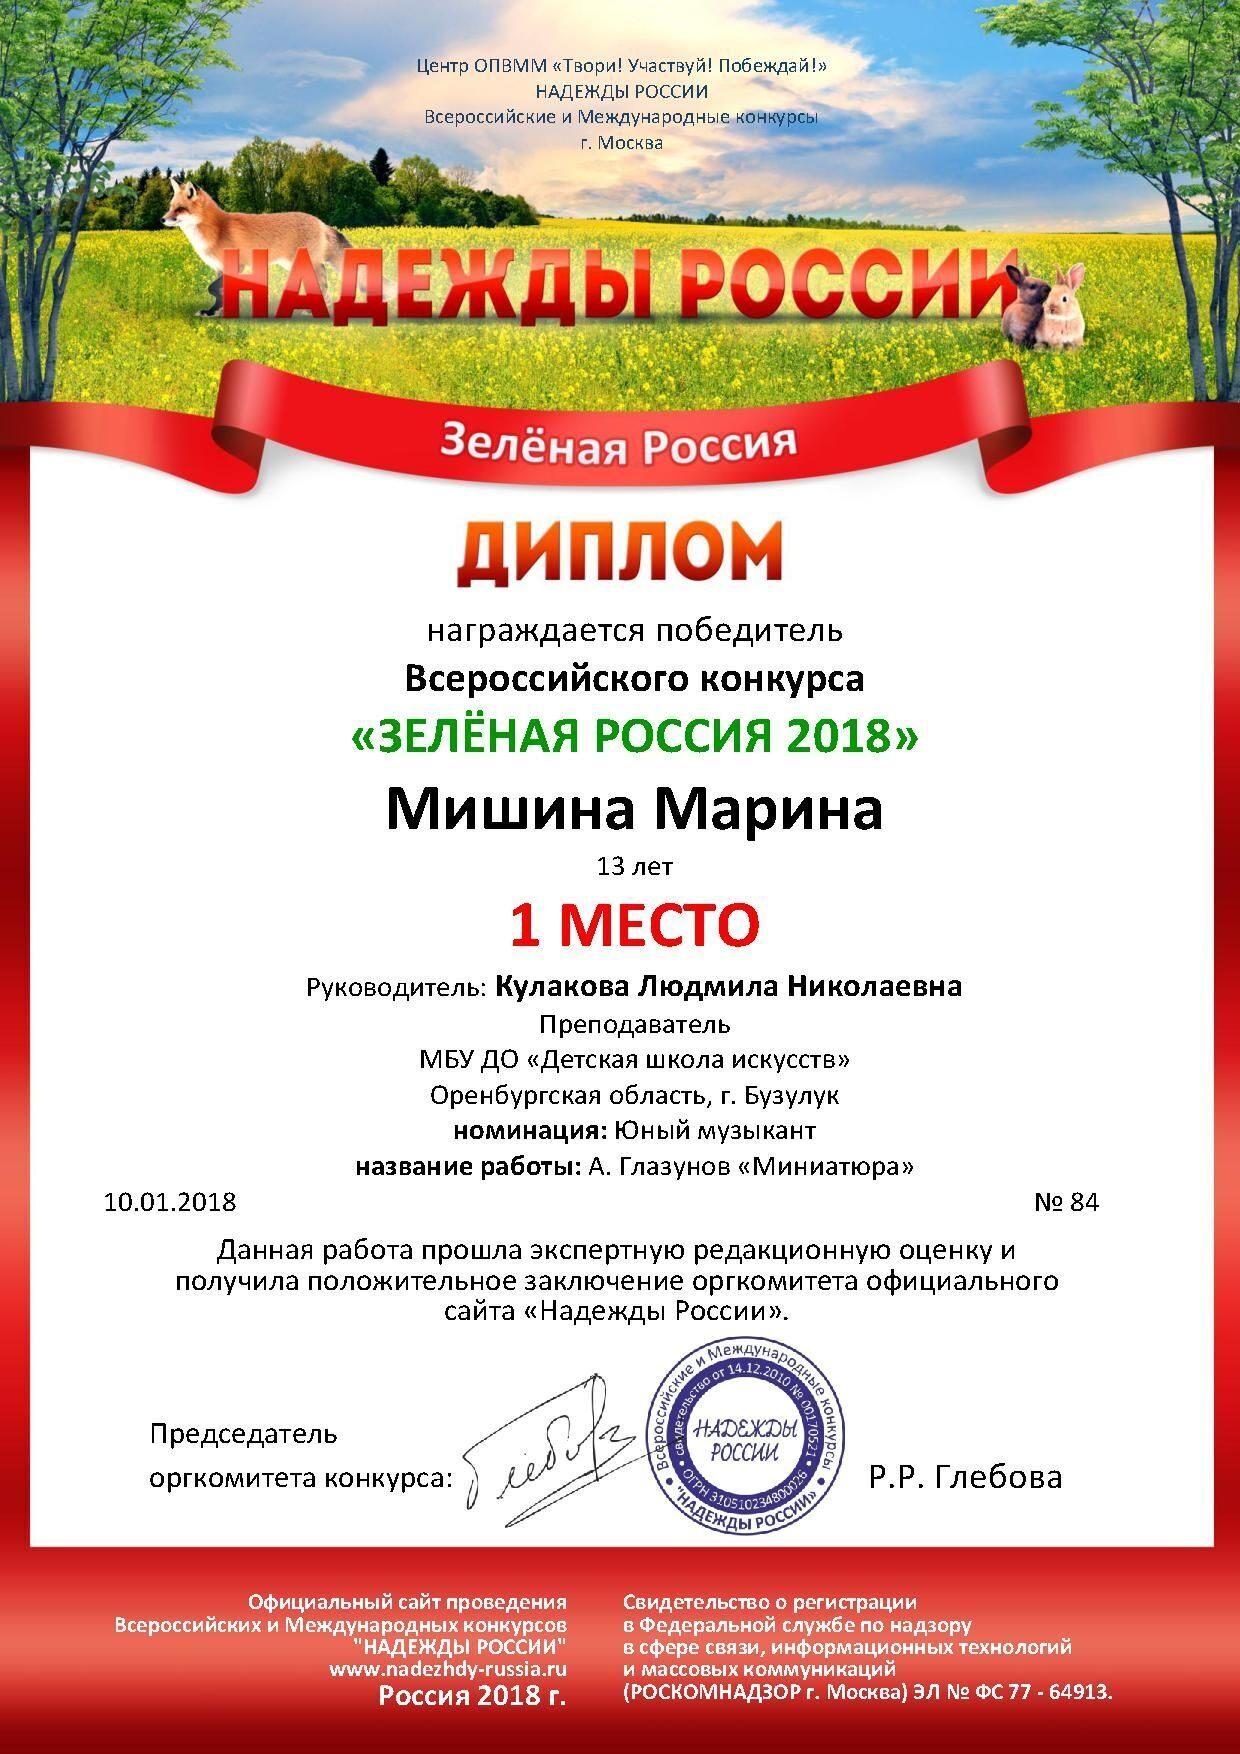 Образец диплома Зелёная Россия  Диплом quot Зелёная Россия quot